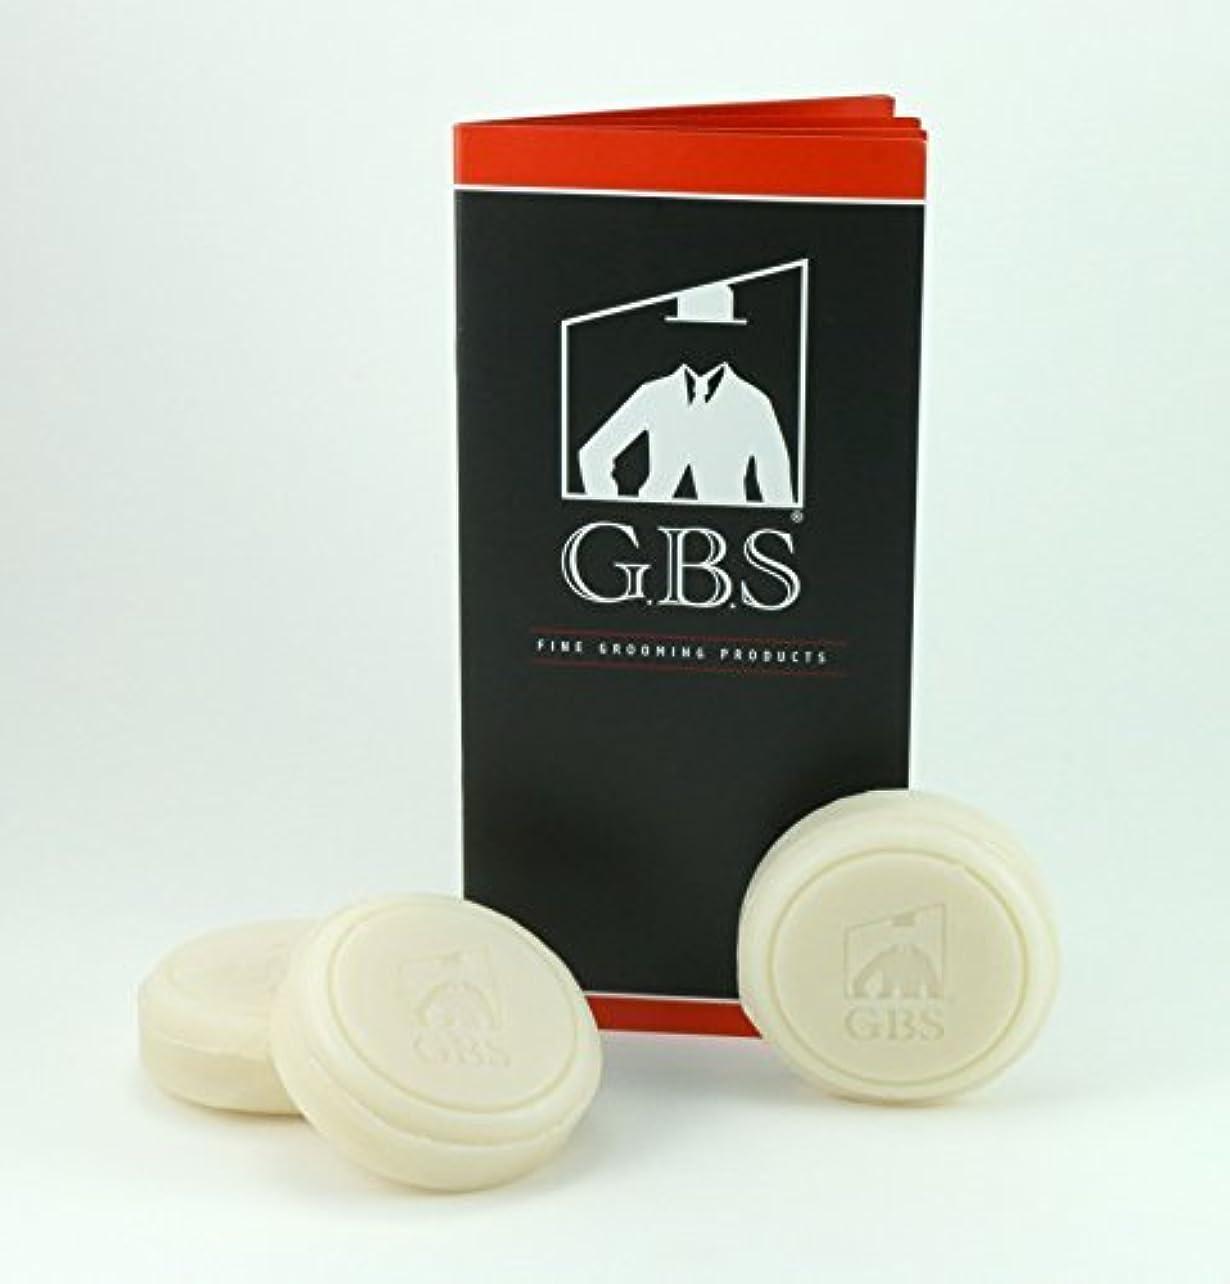 ミットミサイル差し控えるOcean Driftwood 97% All Natural Shave Soap - GBS (3) [並行輸入品]